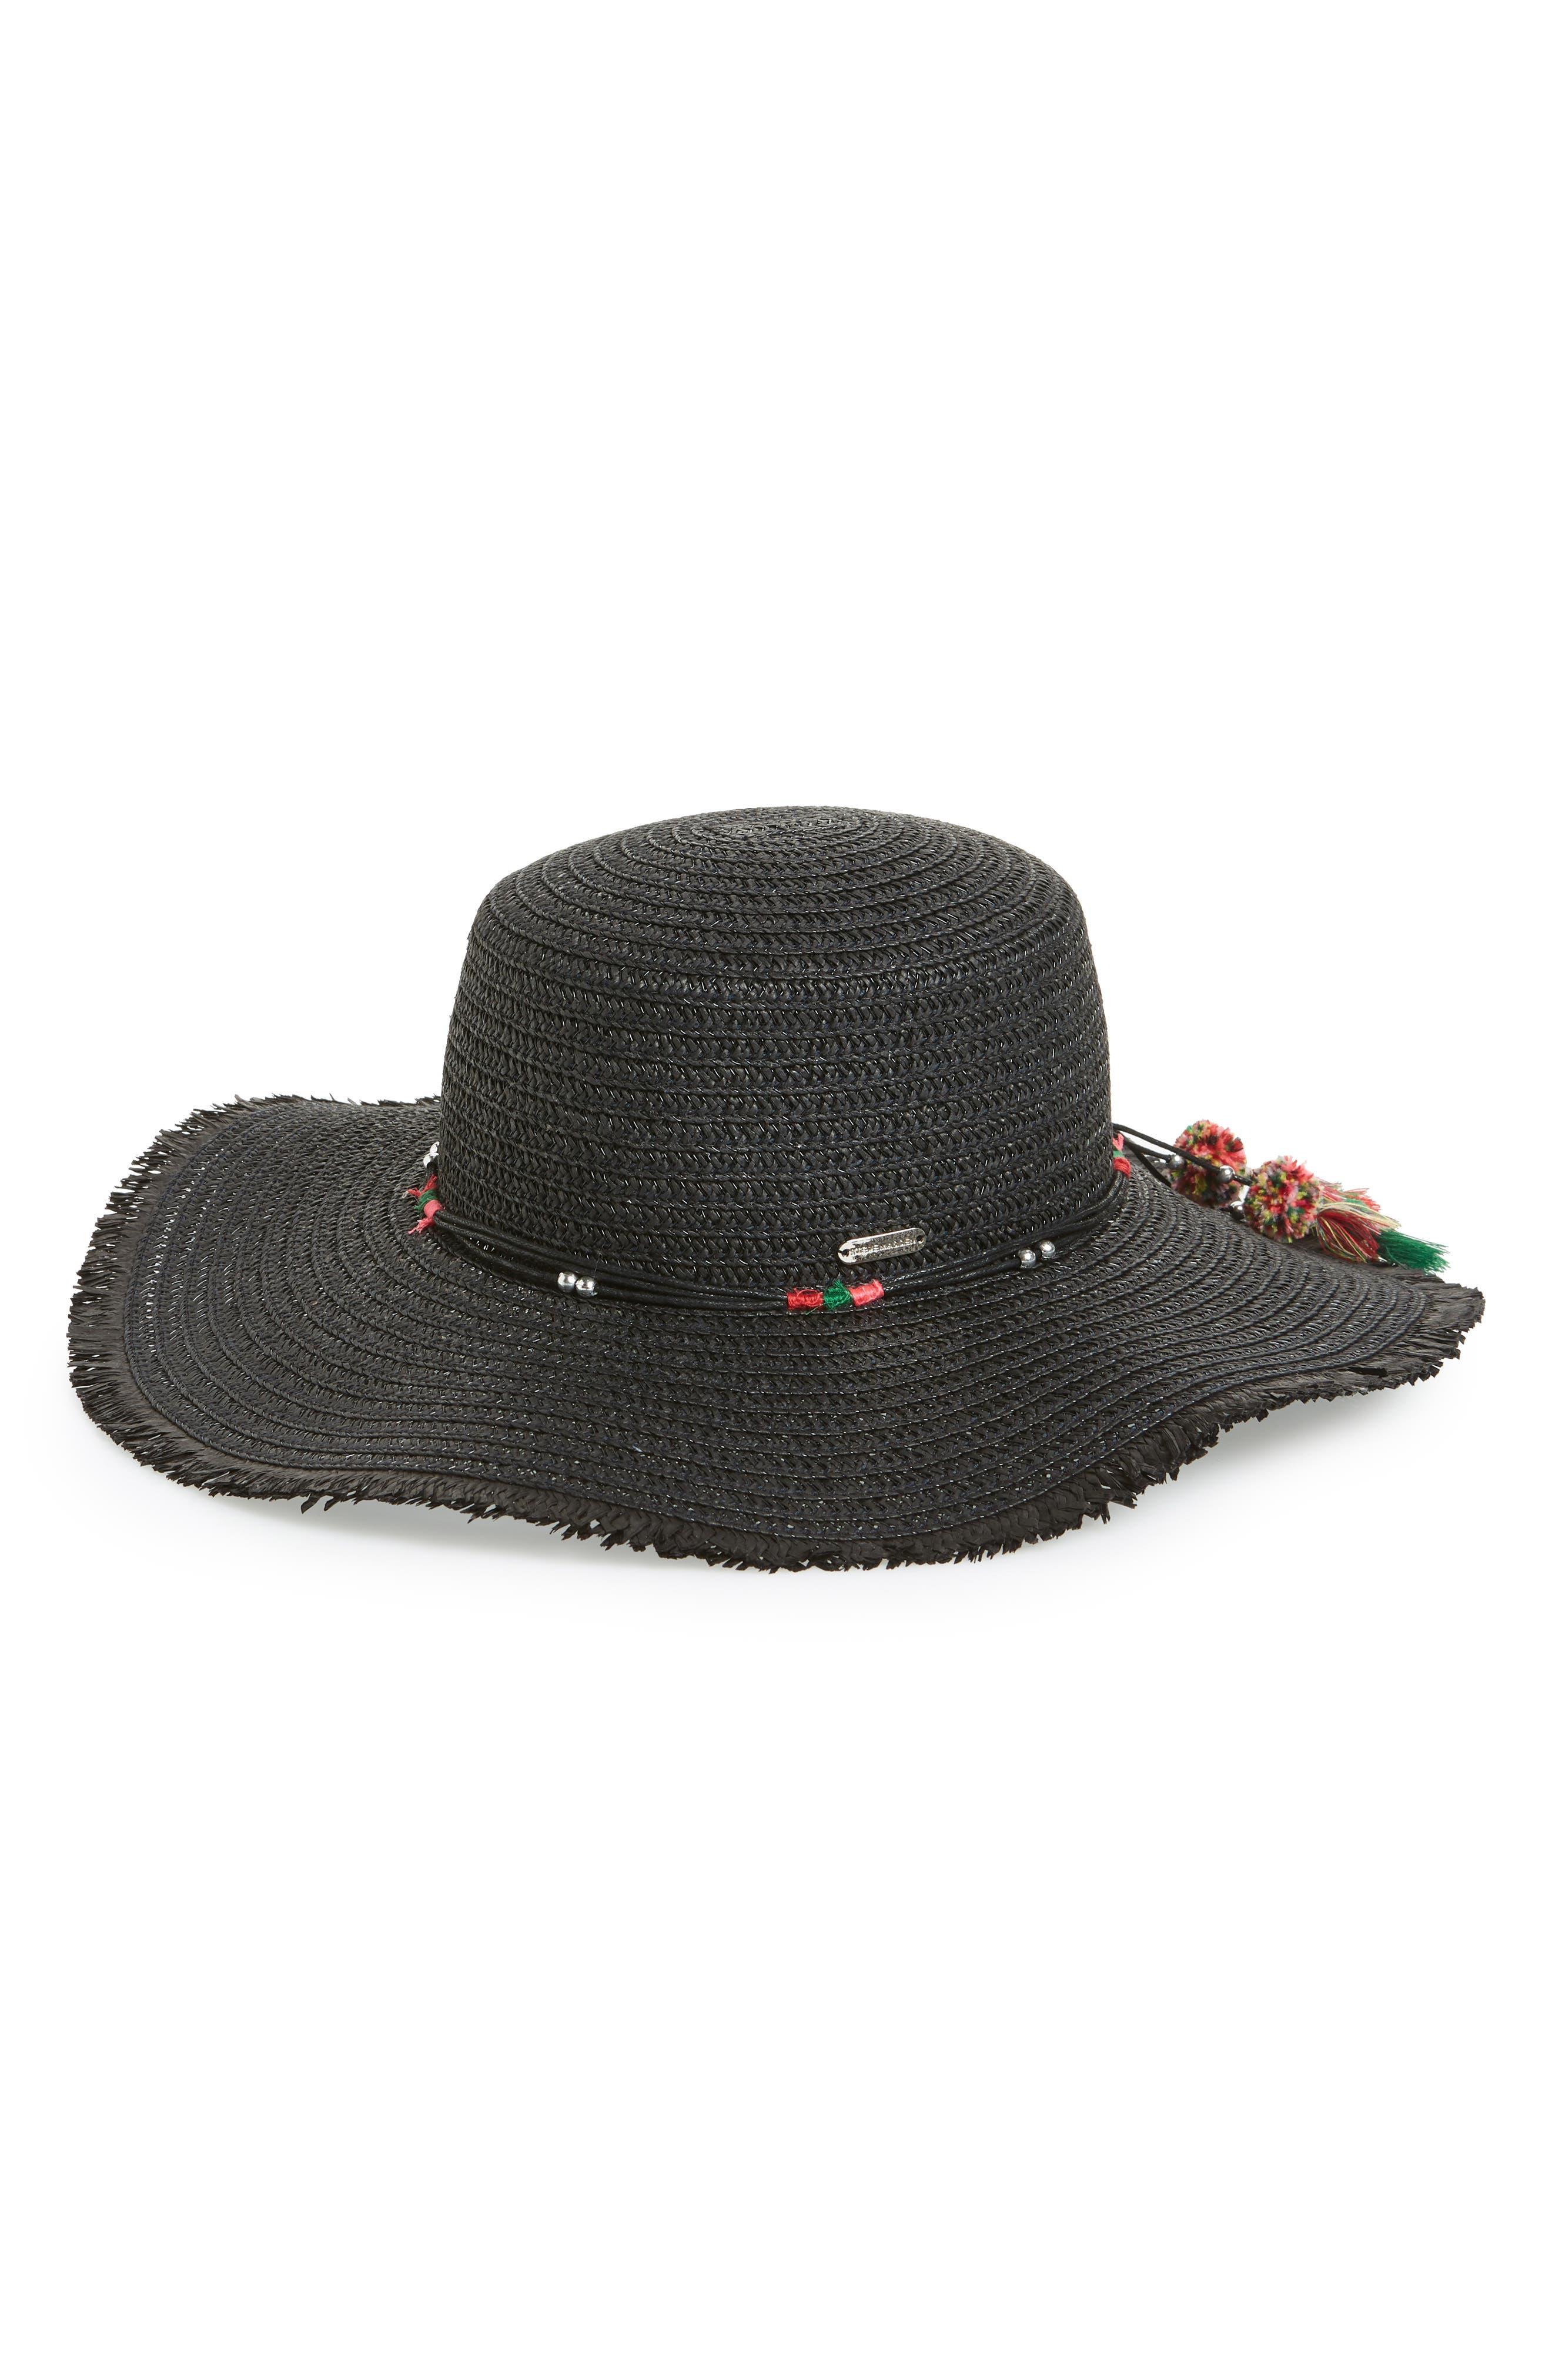 Steve Madden Tassel Detail Straw Hat